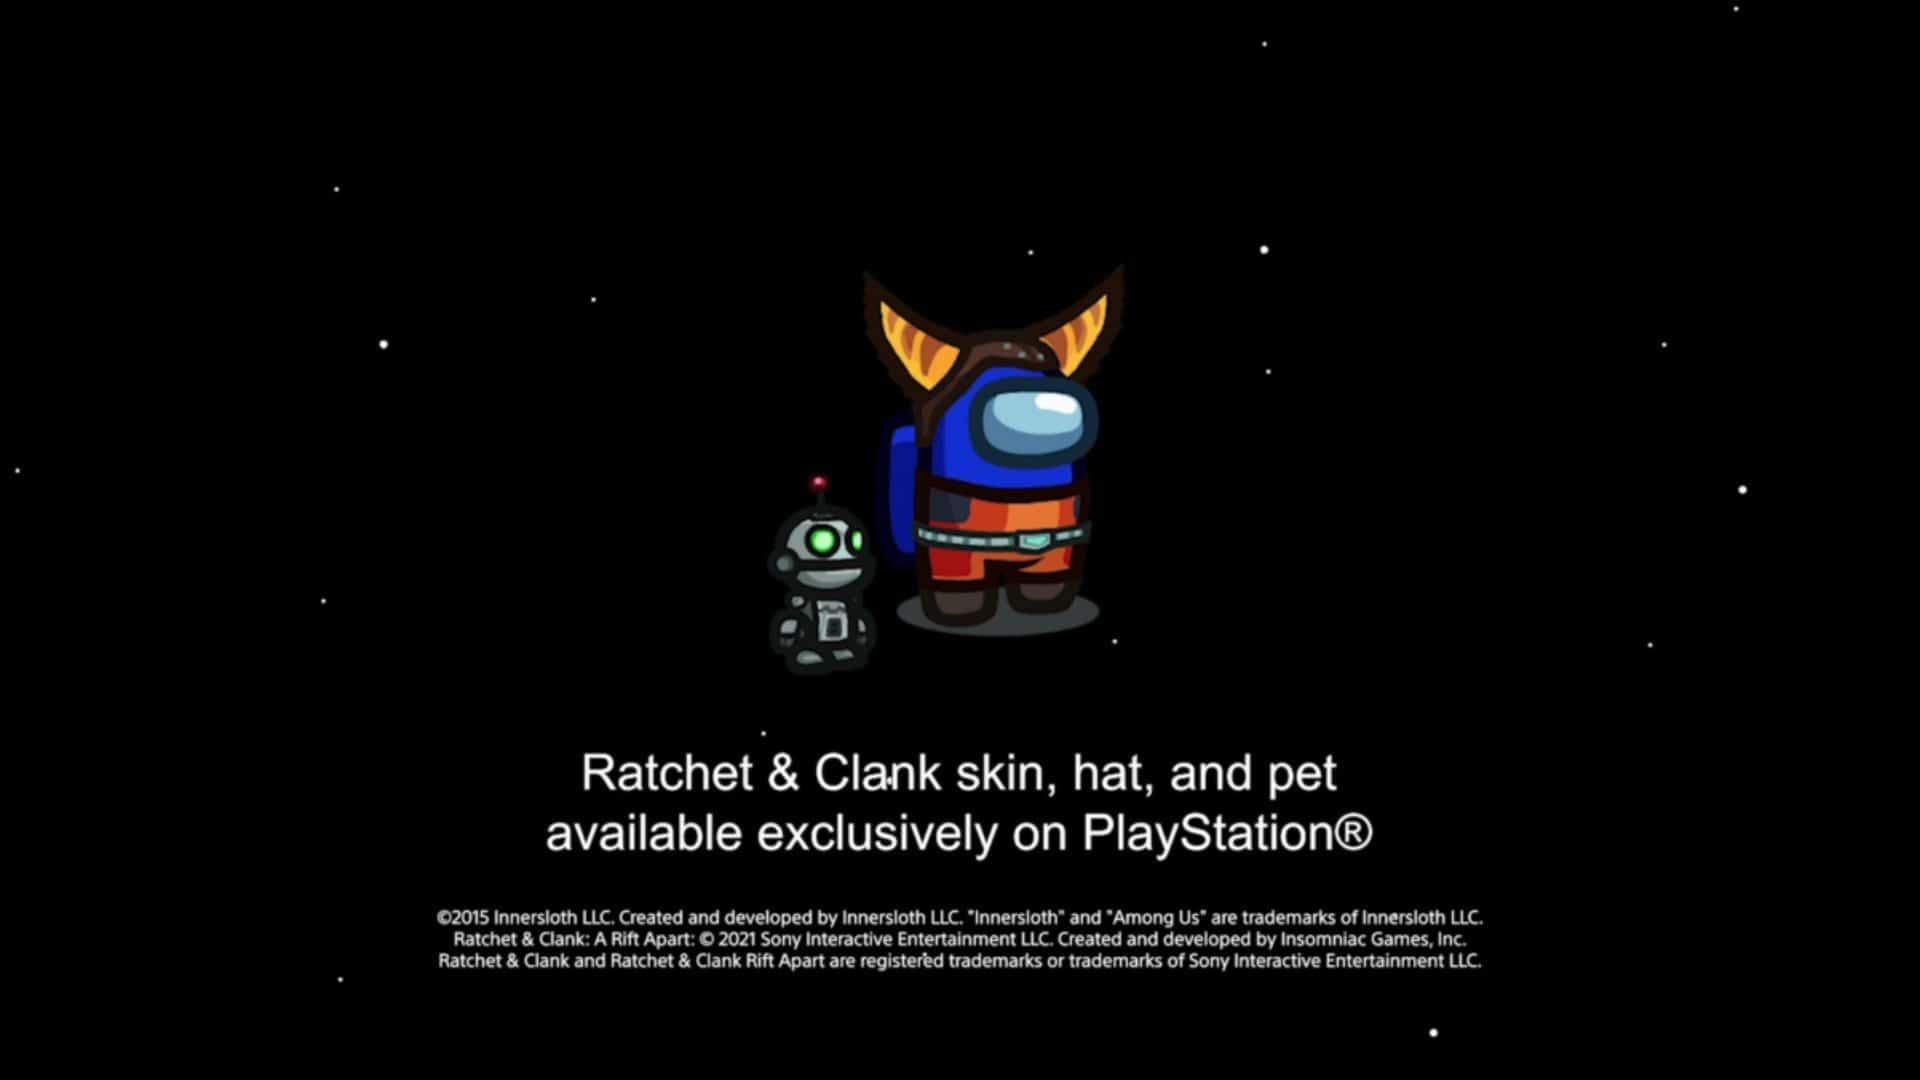 Among Us llegará a PS4 y PS5 este año con un skin de Ratchet y Clank: Rift Apart